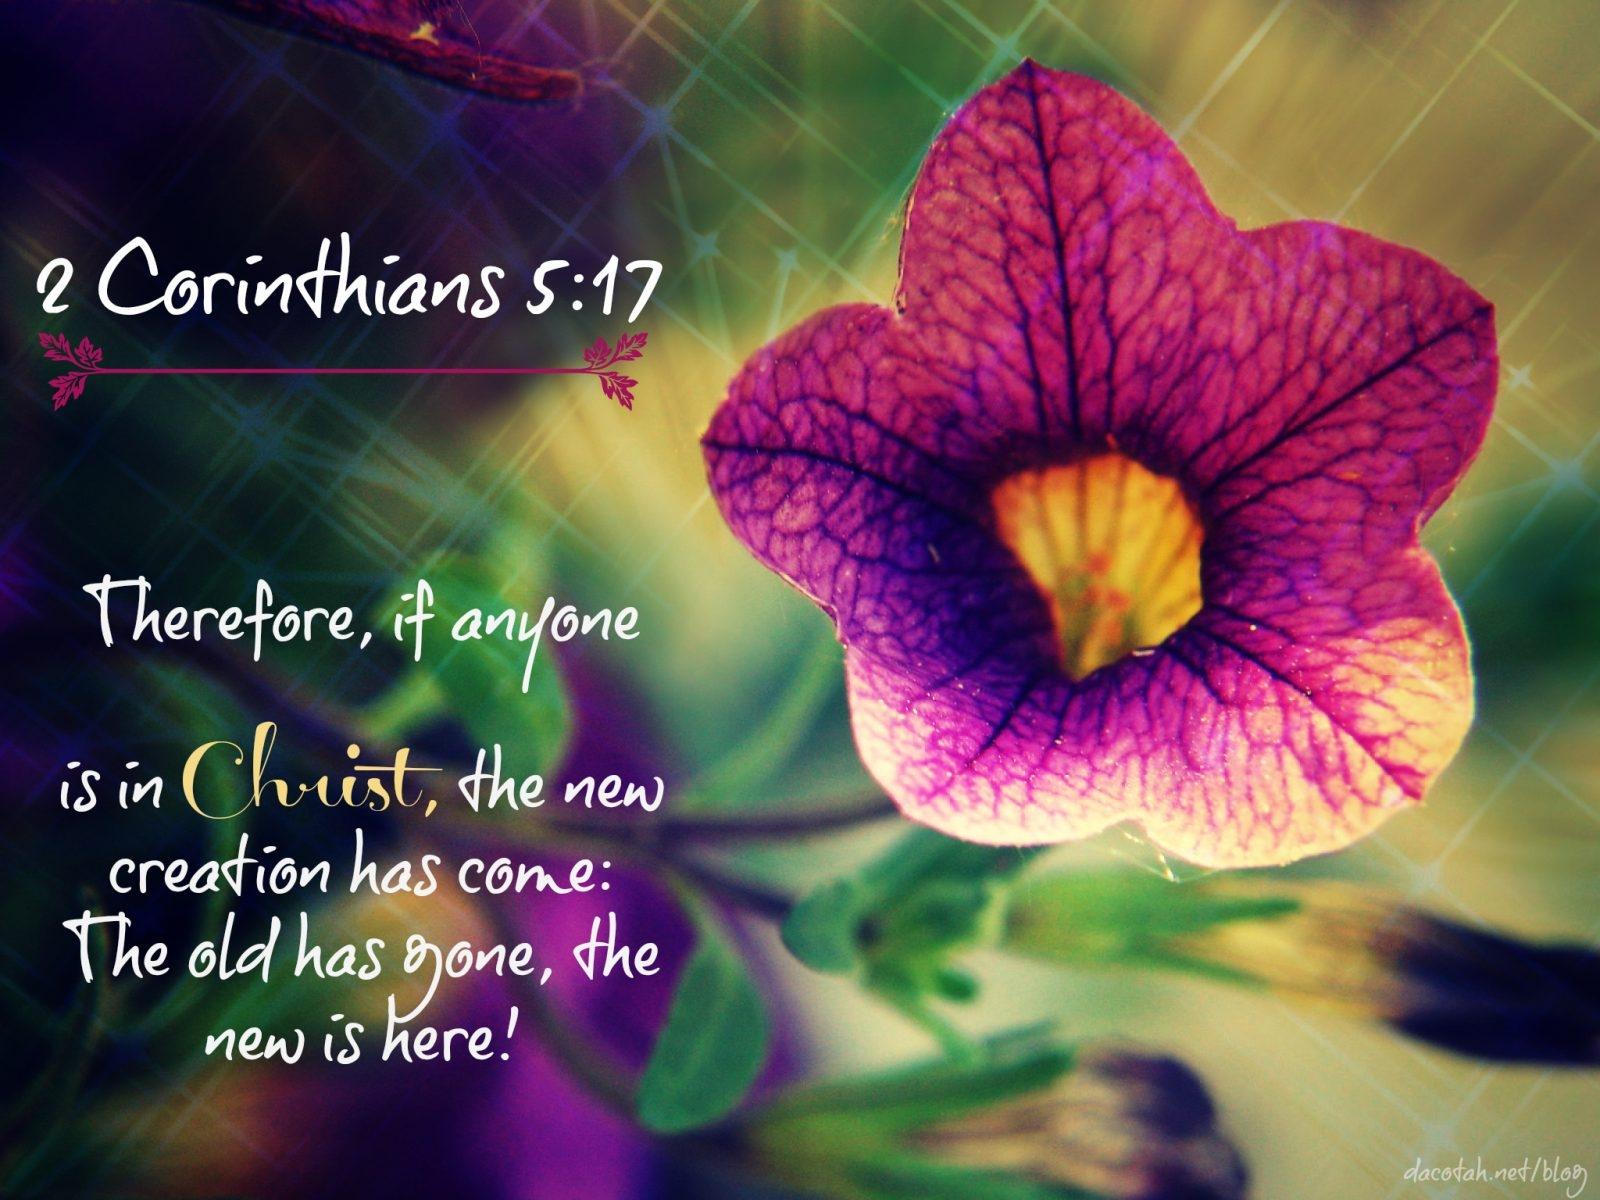 D2DL-2Corinthians5:17